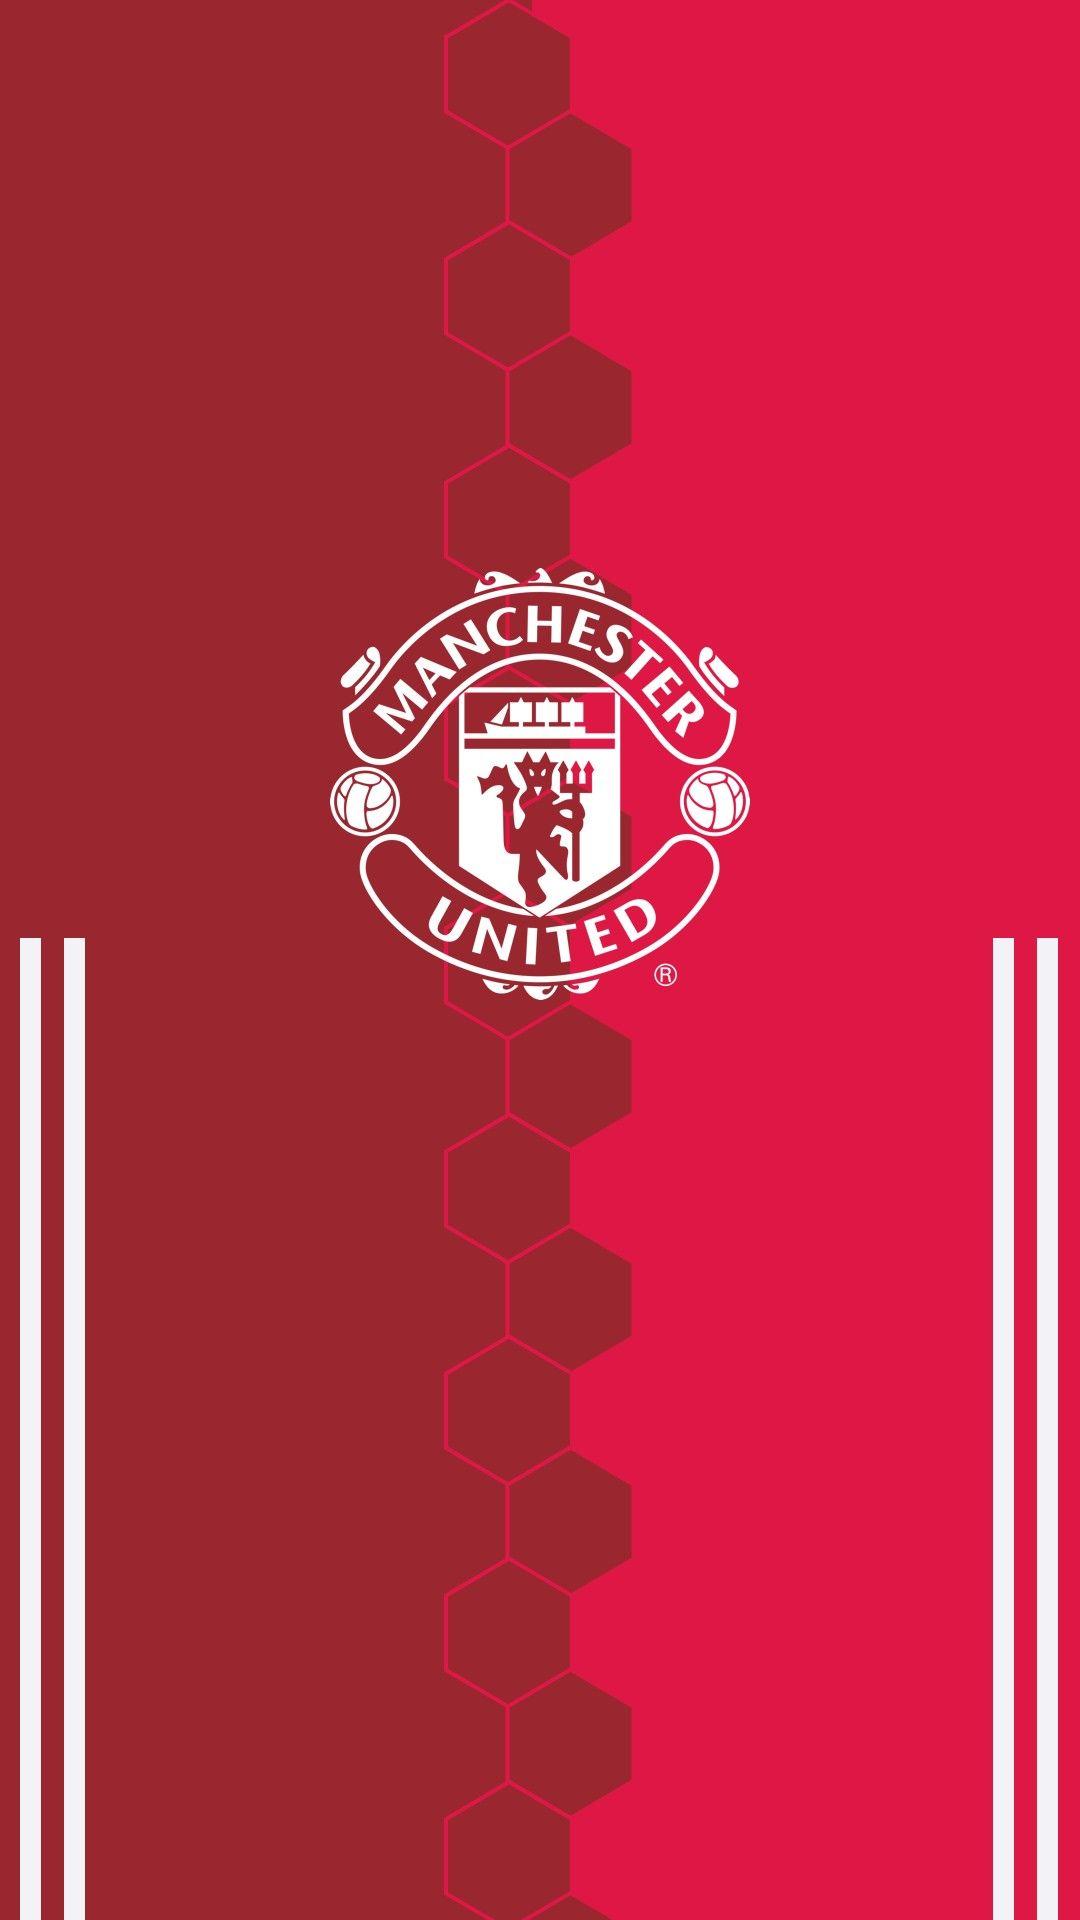 """Manchester United에 ÌžˆëŠ"""" Shawn Xavier님의 Í•€ ˧¨ì²´ìŠ¤í""""° Ìœë'˜ì´í‹°ë""""œ ̶•êµ¬ Ë°°ê²½í™""""ë©´"""